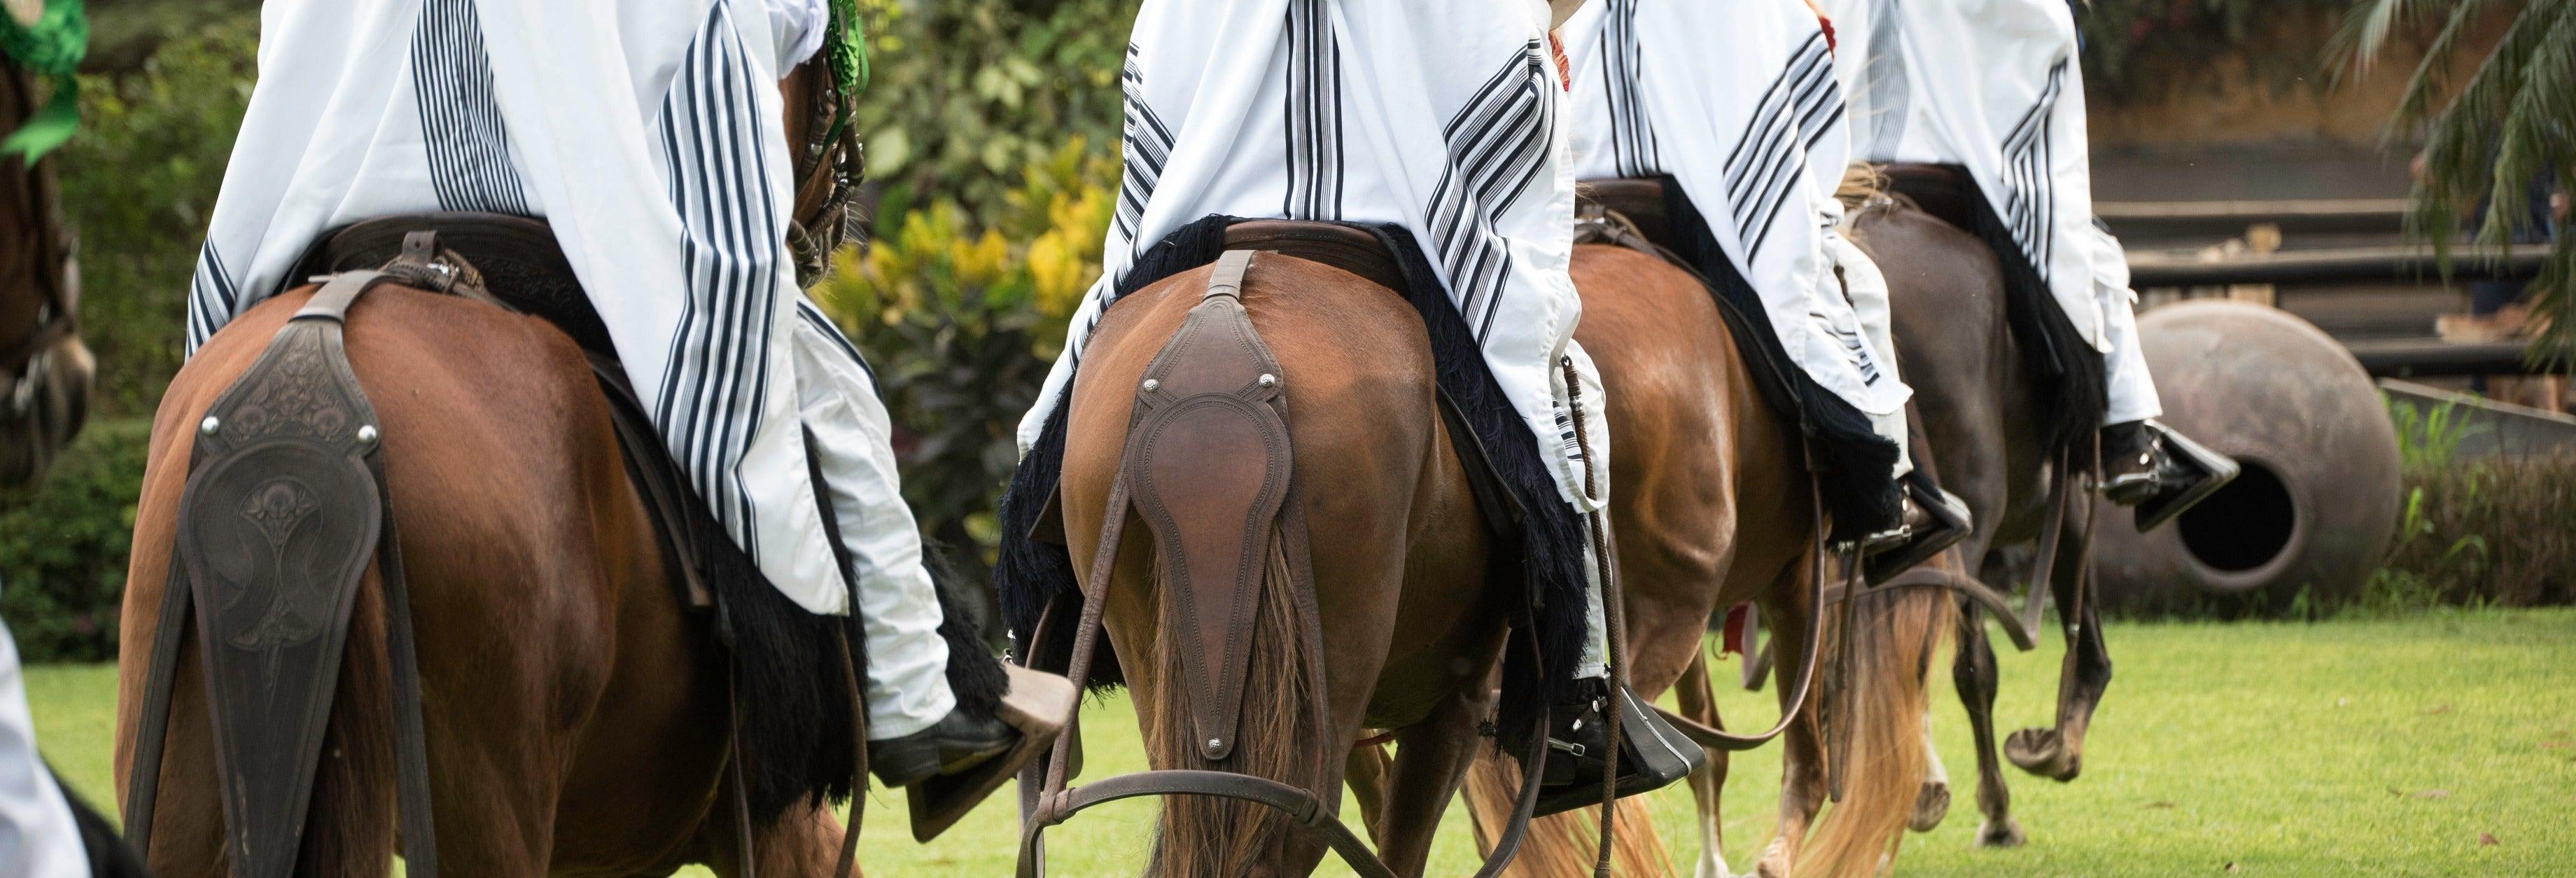 Tour por Pachacamac + Espetáculo de cavalos peruanos de passo